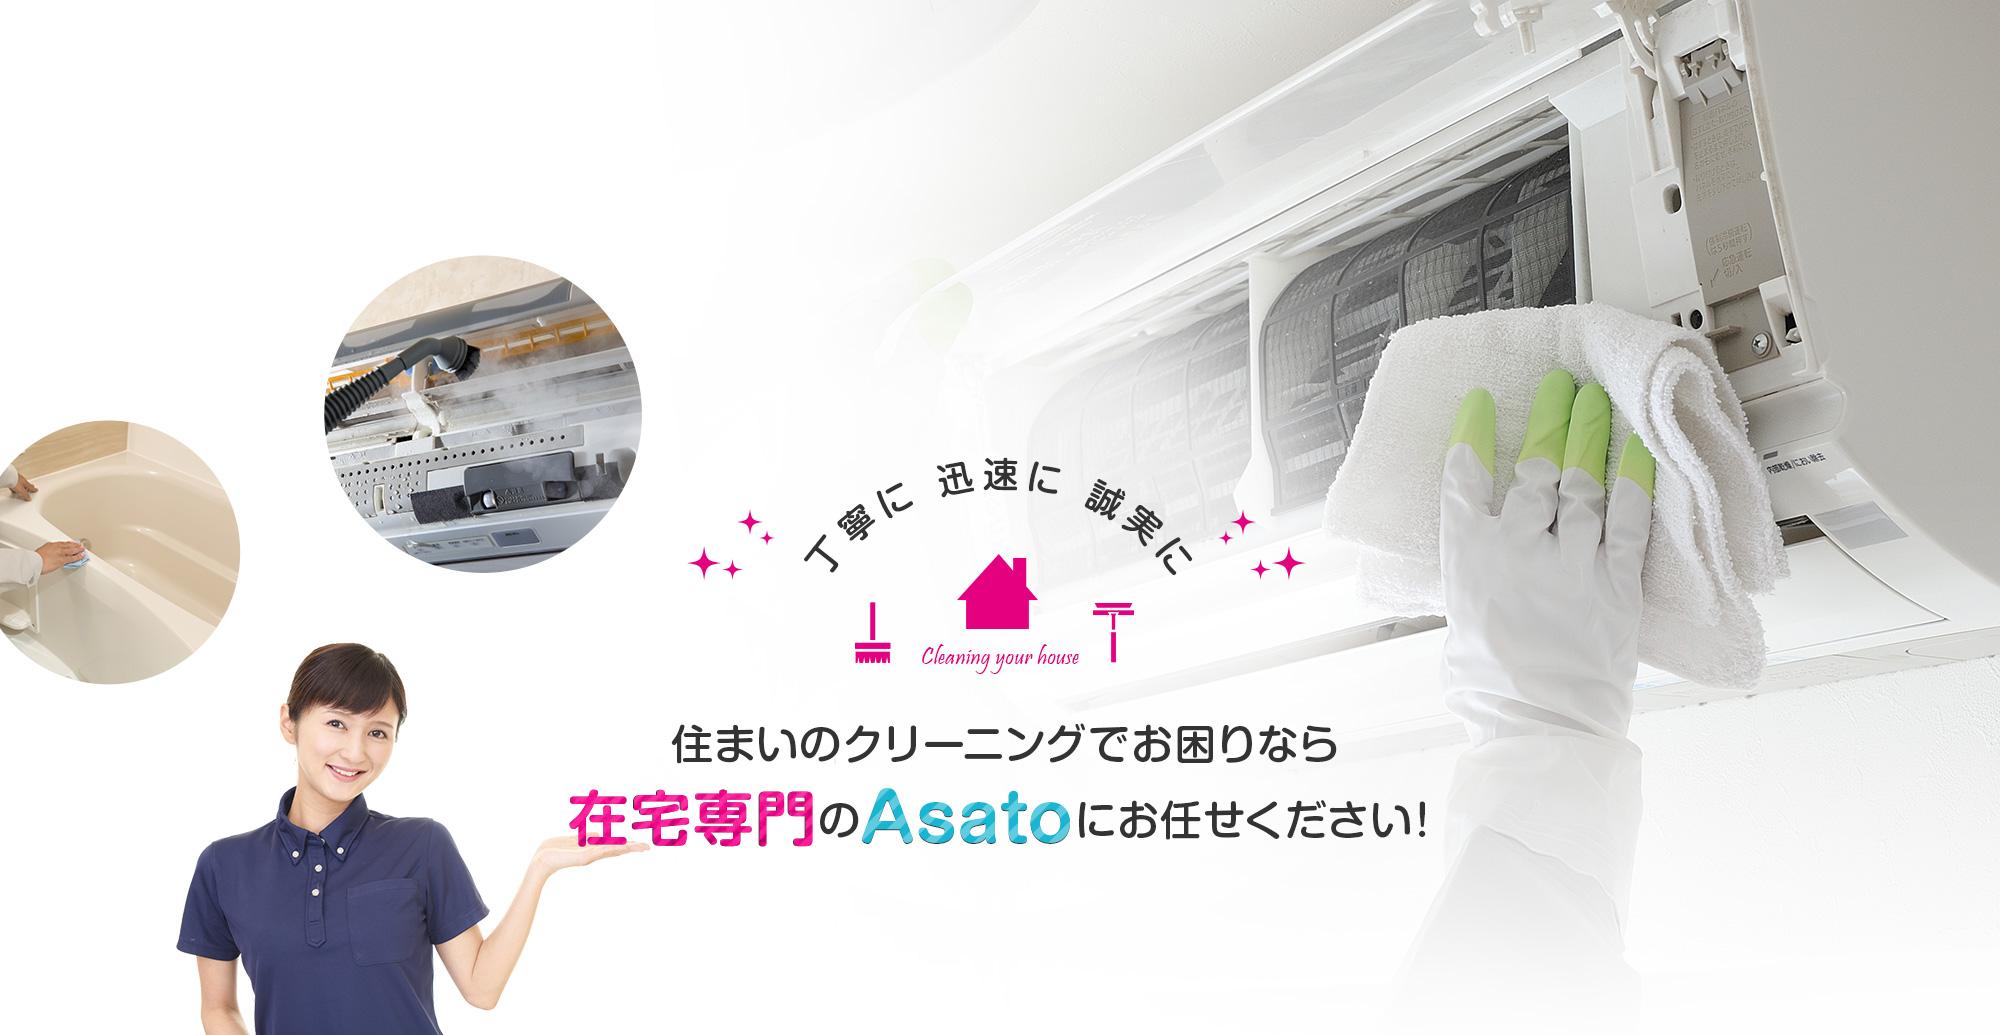 丁寧に迅速に誠実に 住まいのクリーニングでお困りなら、在宅専門のAsatoにお任せください!